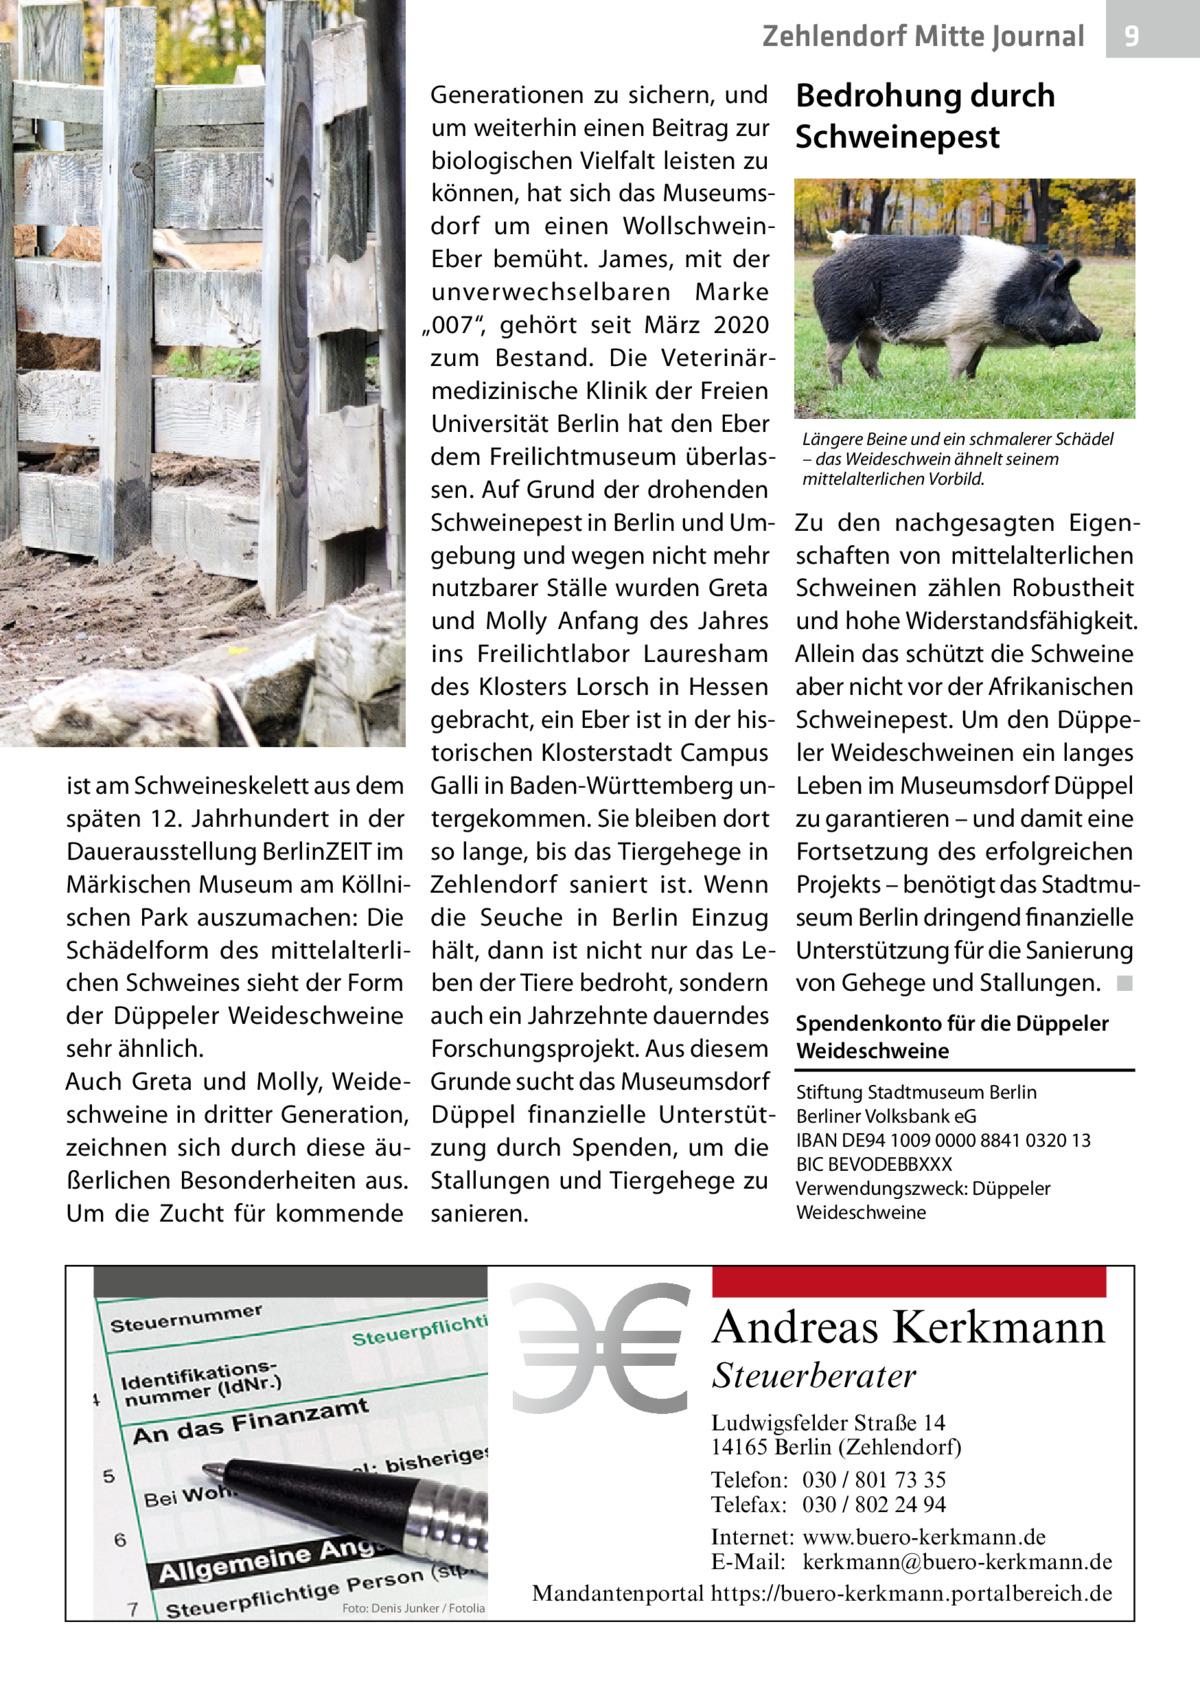 """Zehlendorf Mitte Journal  ist am Schweineskelett aus dem späten 12. Jahrhundert in der Dauerausstellung BerlinZEIT im Märkischen Museum am Köllnischen Park auszumachen: Die Schädelform des mittelalterlichen Schweines sieht der Form der Düppeler Weideschweine sehr ähnlich. Auch Greta und Molly, Weideschweine in dritter Generation, zeichnen sich durch diese äußerlichen Besonderheiten aus. Um die Zucht für kommende  Generationen zu sichern, und um weiterhin einen Beitrag zur biologischen Vielfalt leisten zu können, hat sich das Museumsdorf um einen WollschweinEber bemüht. James, mit der unverwechselbaren Marke """"007"""", gehört seit März 2020 zum Bestand. Die Veterinärmedizinische Klinik der Freien Universität Berlin hat den Eber dem Freilichtmuseum überlassen. Auf Grund der drohenden Schweinepest in Berlin und Umgebung und wegen nicht mehr nutzbarer Ställe wurden Greta und Molly Anfang des Jahres ins Freilichtlabor Lauresham des Klosters Lorsch in Hessen gebracht, ein Eber ist in der historischen Klosterstadt Campus Galli in Baden-Württemberg untergekommen. Sie bleiben dort so lange, bis das Tiergehege in Zehlendorf saniert ist. Wenn die Seuche in Berlin Einzug hält, dann ist nicht nur das Leben der Tiere bedroht, sondern auch ein Jahrzehnte dauerndes Forschungsprojekt. Aus diesem Grunde sucht das Museumsdorf Düppel finanzielle Unterstützung durch Spenden, um die Stallungen und Tiergehege zu sanieren.  Bedrohung durch Schweinepest  Längere Beine und ein schmalerer Schädel – das Weideschwein ähnelt seinem mittelalterlichen Vorbild.  Zu den nachgesagten Eigenschaften von mittelalterlichen Schweinen zählen Robustheit und hohe Widerstandsfähigkeit. Allein das schützt die Schweine aber nicht vor der Afrikanischen Schweinepest. Um den Düppeler Weideschweinen ein langes Leben im Museumsdorf Düppel zu garantieren – und damit eine Fortsetzung des erfolgreichen Projekts – benötigt das Stadtmuseum Berlin dringend finanzielle Unterstützung für die Sanierung von Gehege und Stallungen."""